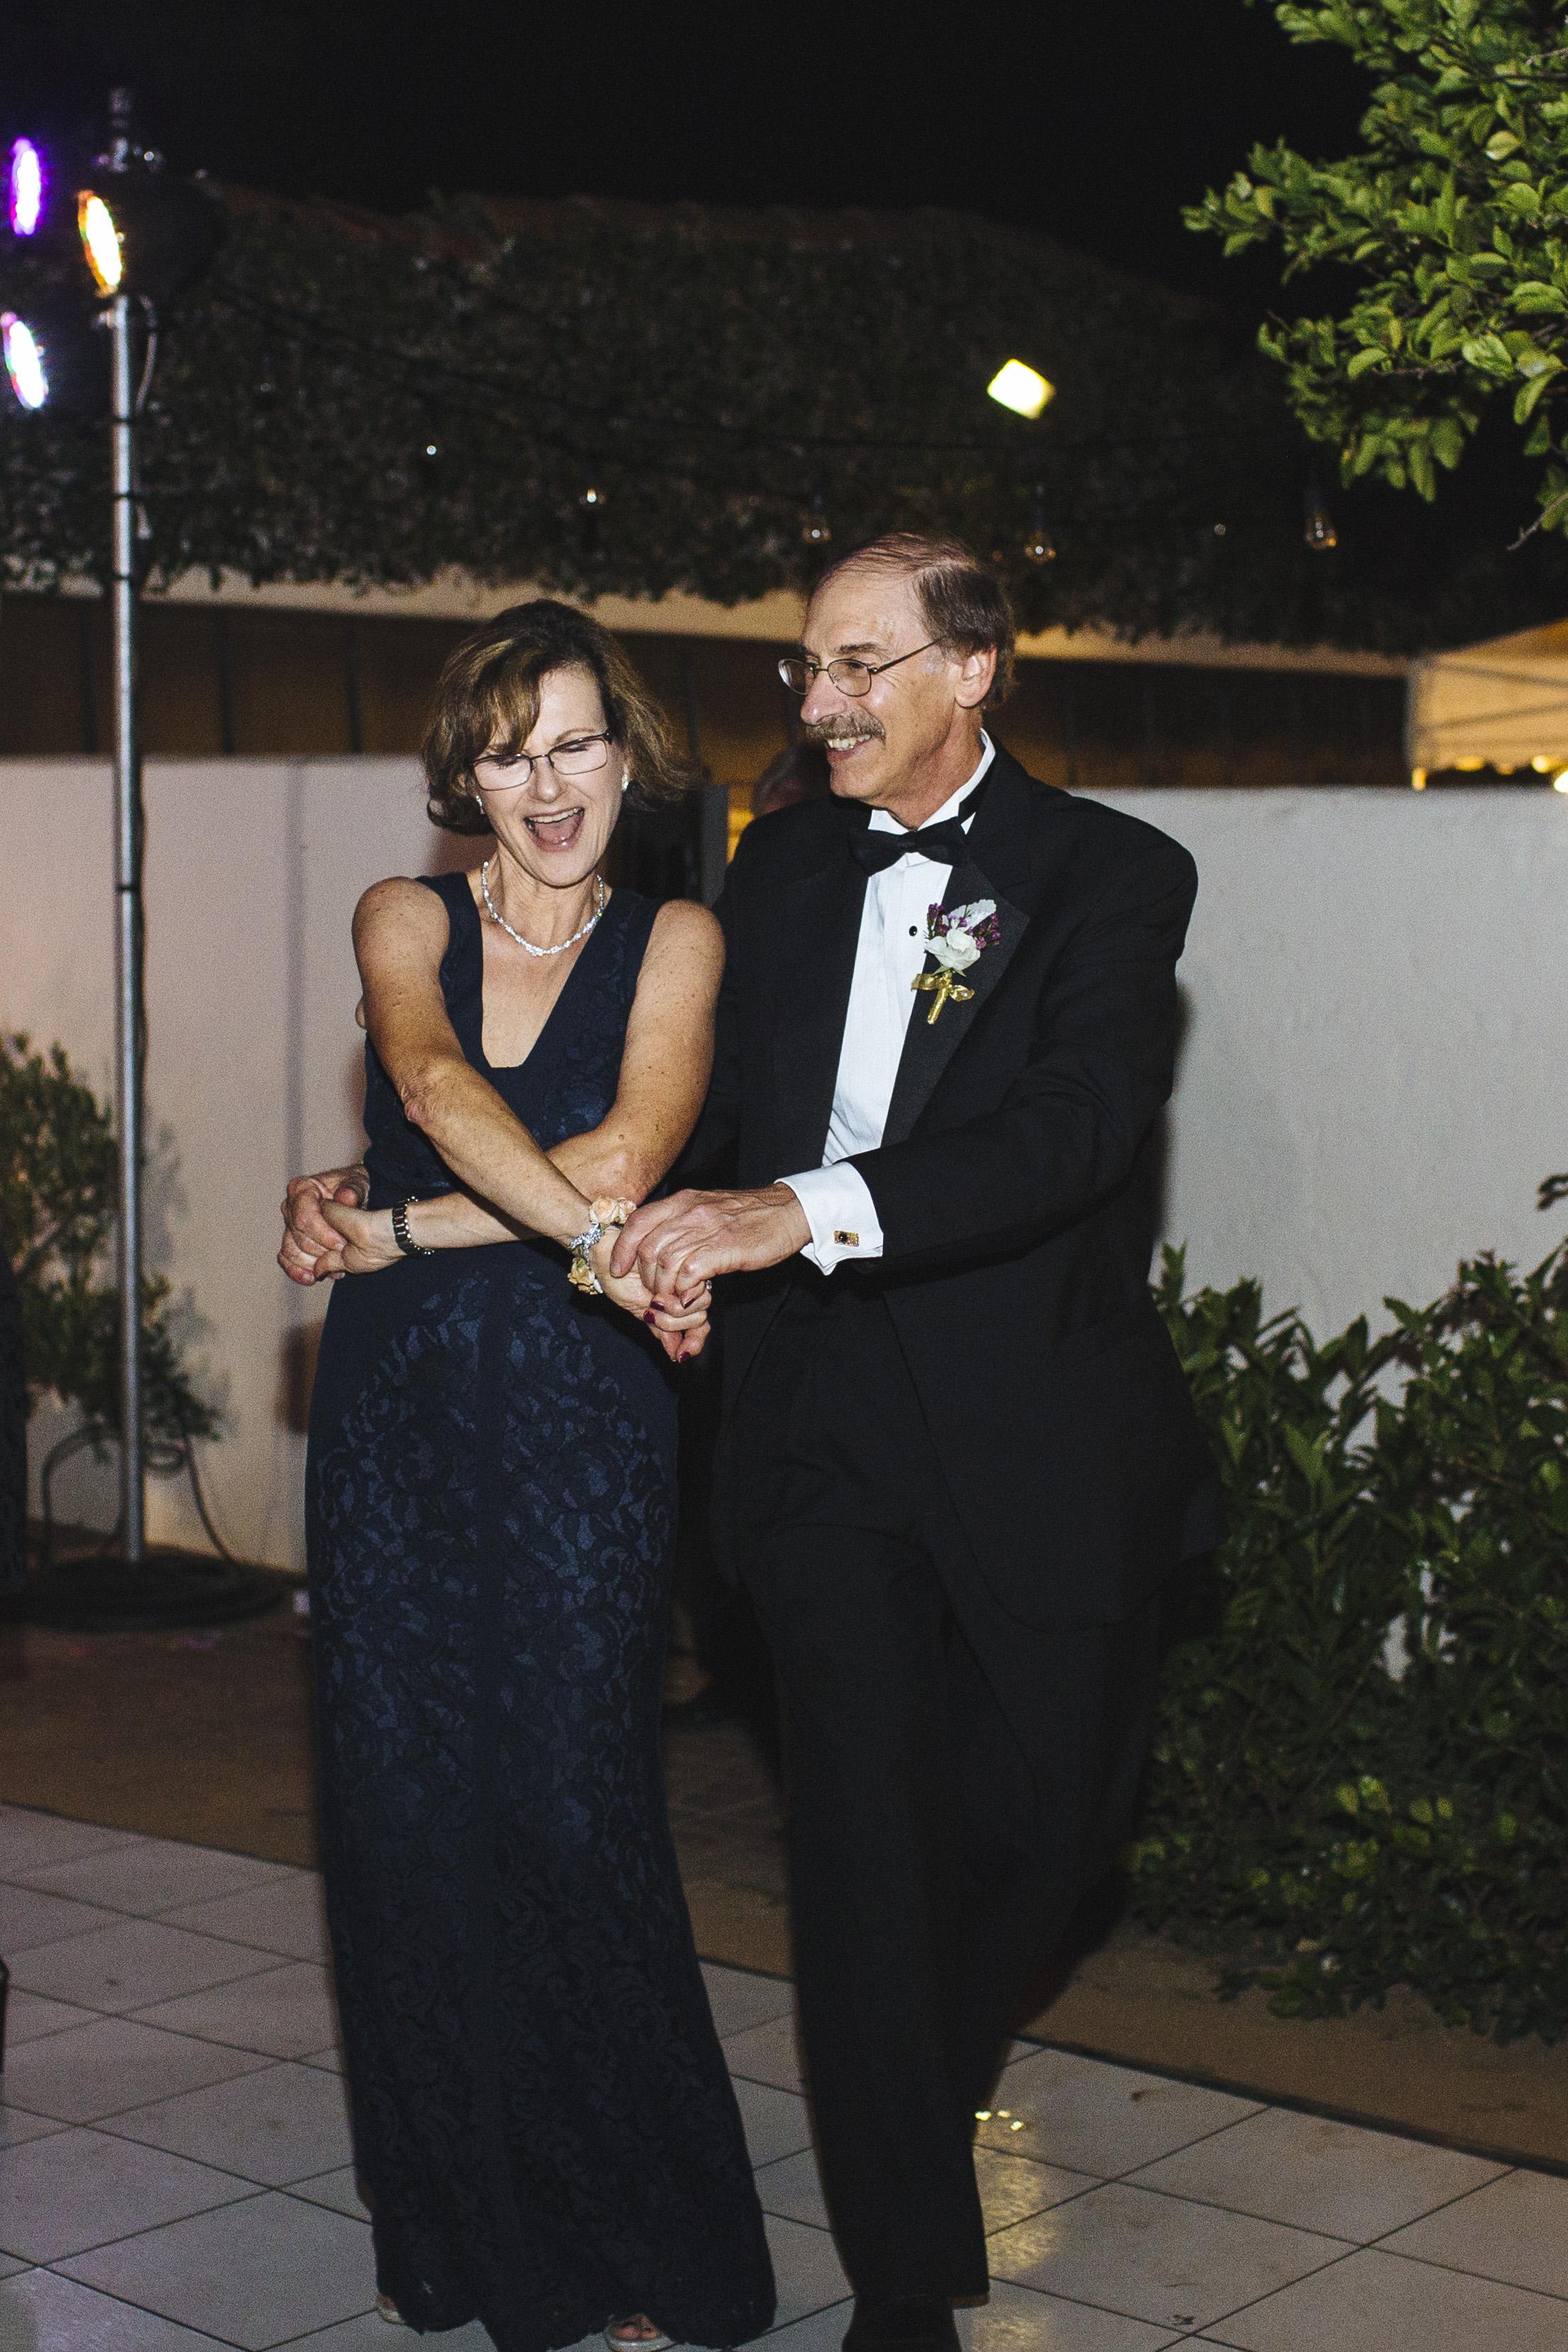 Mr. & Mrs. Prichep